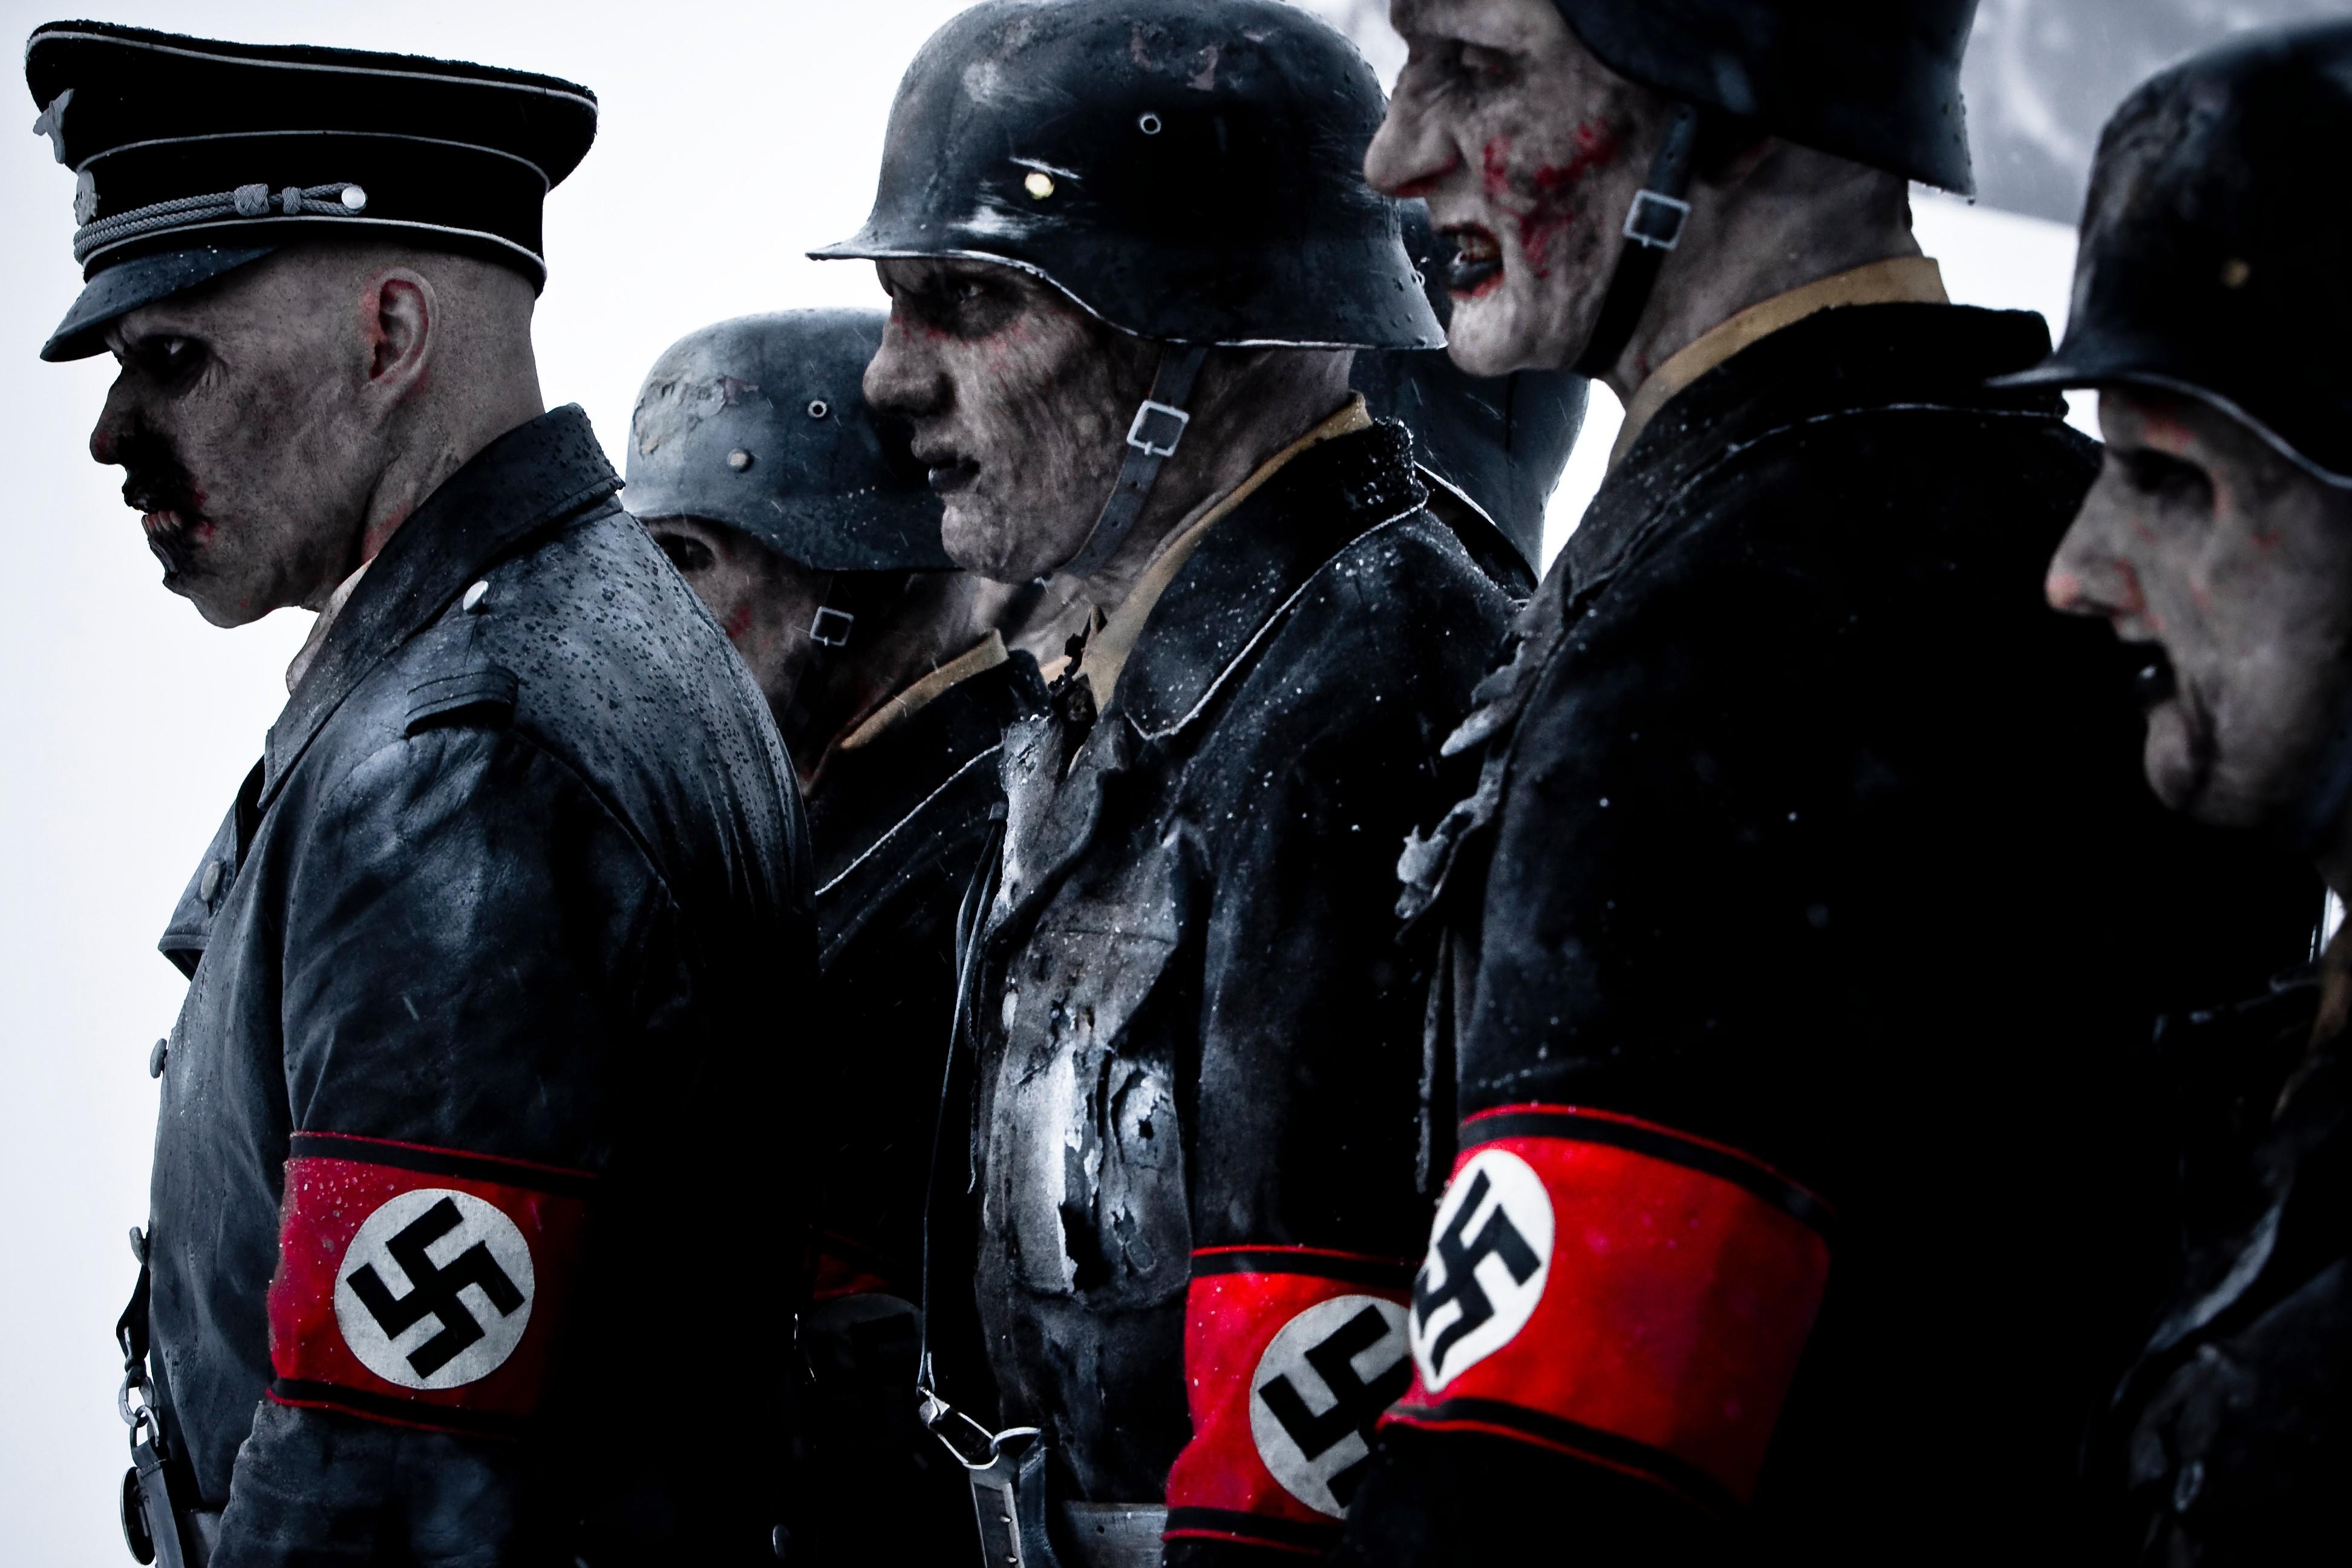 """""""Мы будем приходить к вам мертвыми"""", - главарь """"ДНР"""" Захарченко угрожает украинцам - Цензор.НЕТ 175"""